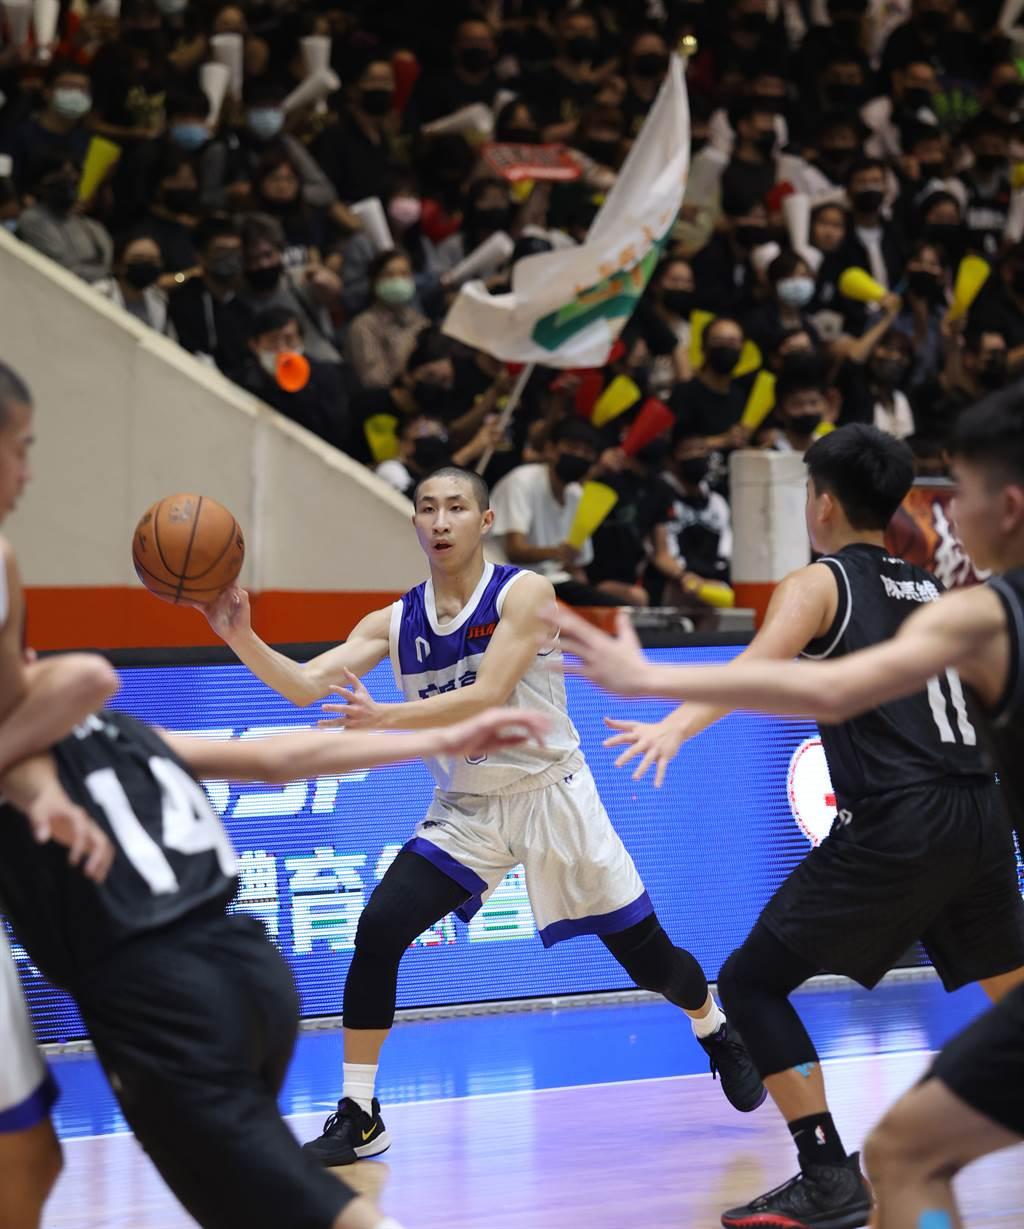 109學年JHBL國中籃球聯賽冠軍賽MVP安康國中王翊仲(中)絕妙傳球。(高中體總提供)